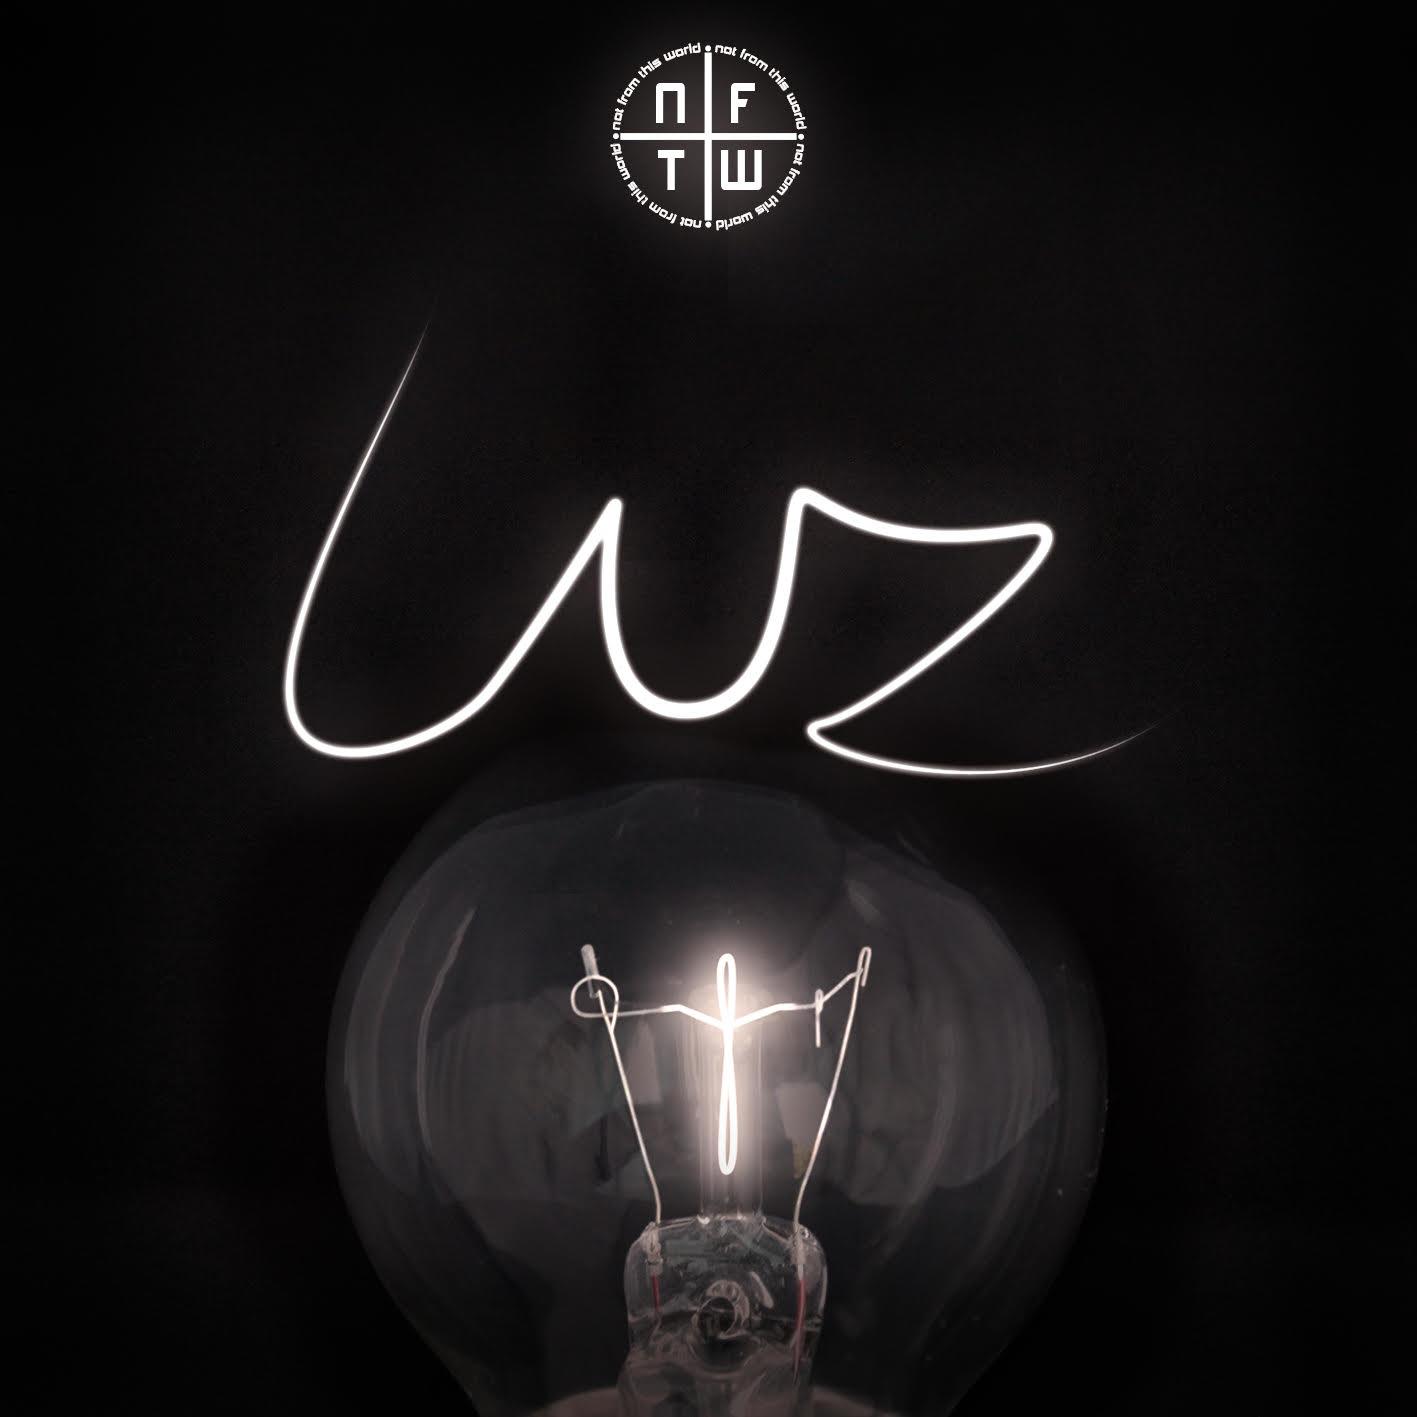 Luz_NFTW